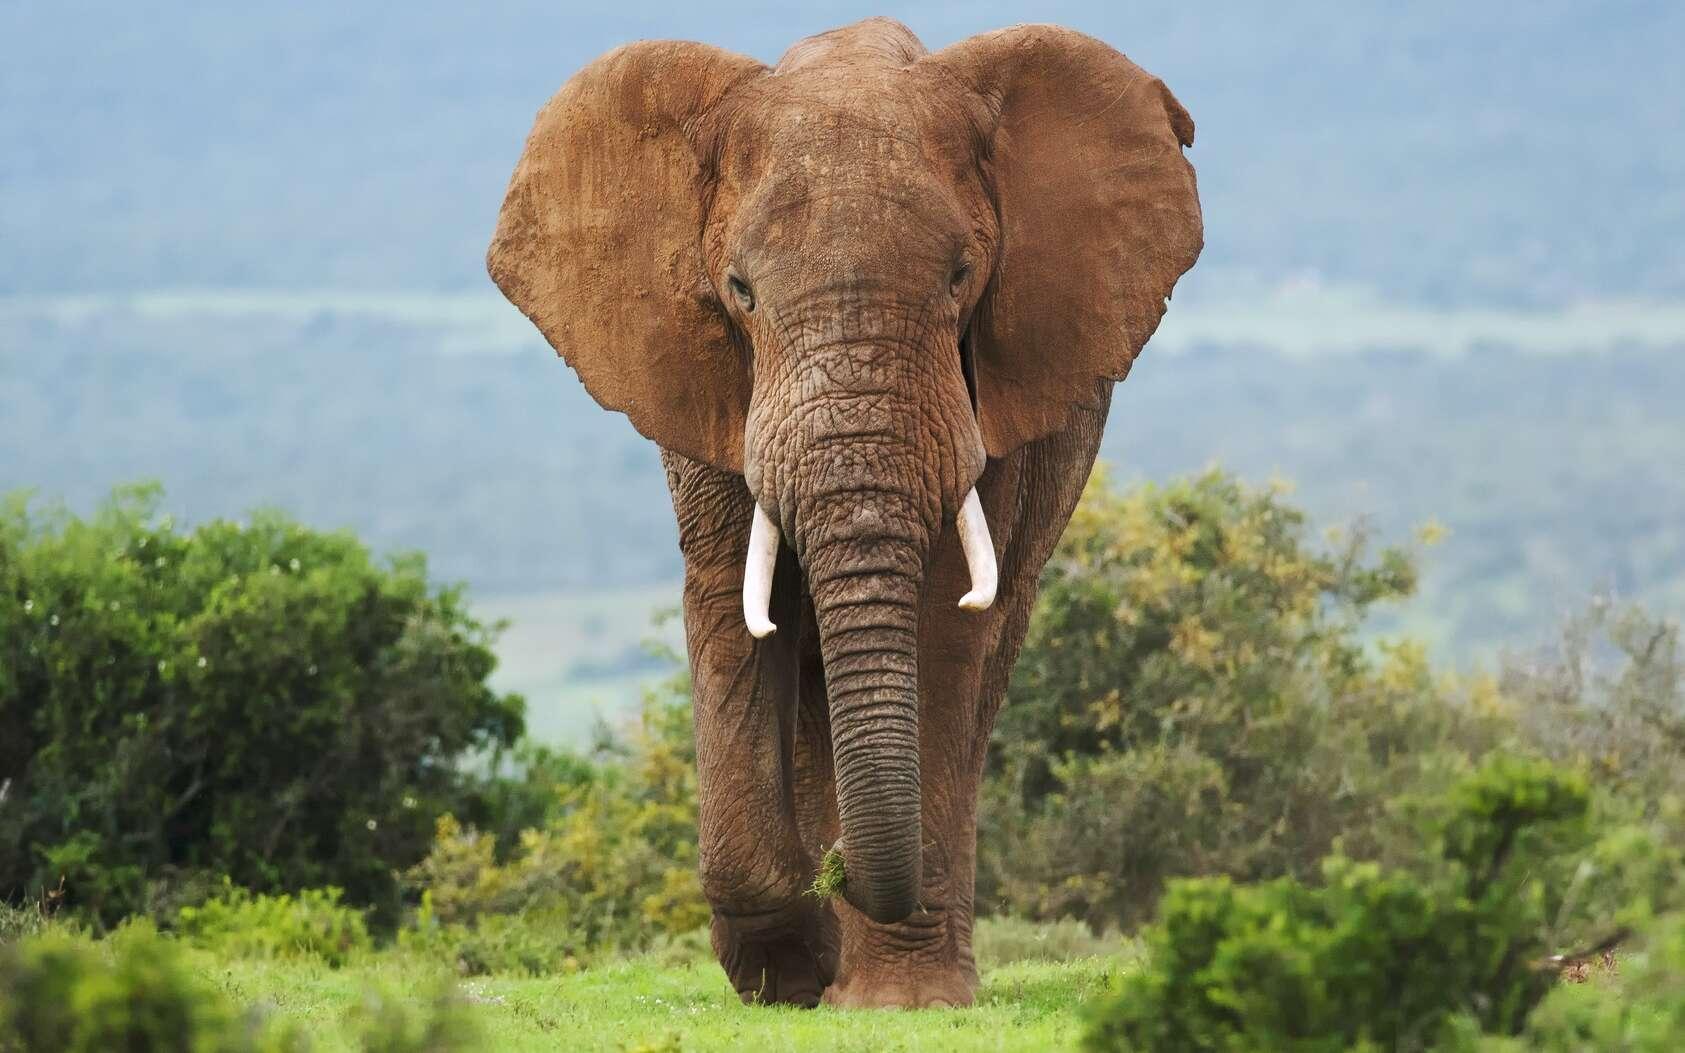 L'éléphant a beaucoup plus de cellules que l'Homme, vit plus de 60 ans et souffre rarement de cancer. Pourquoi ? © peterfodor, Fotolia